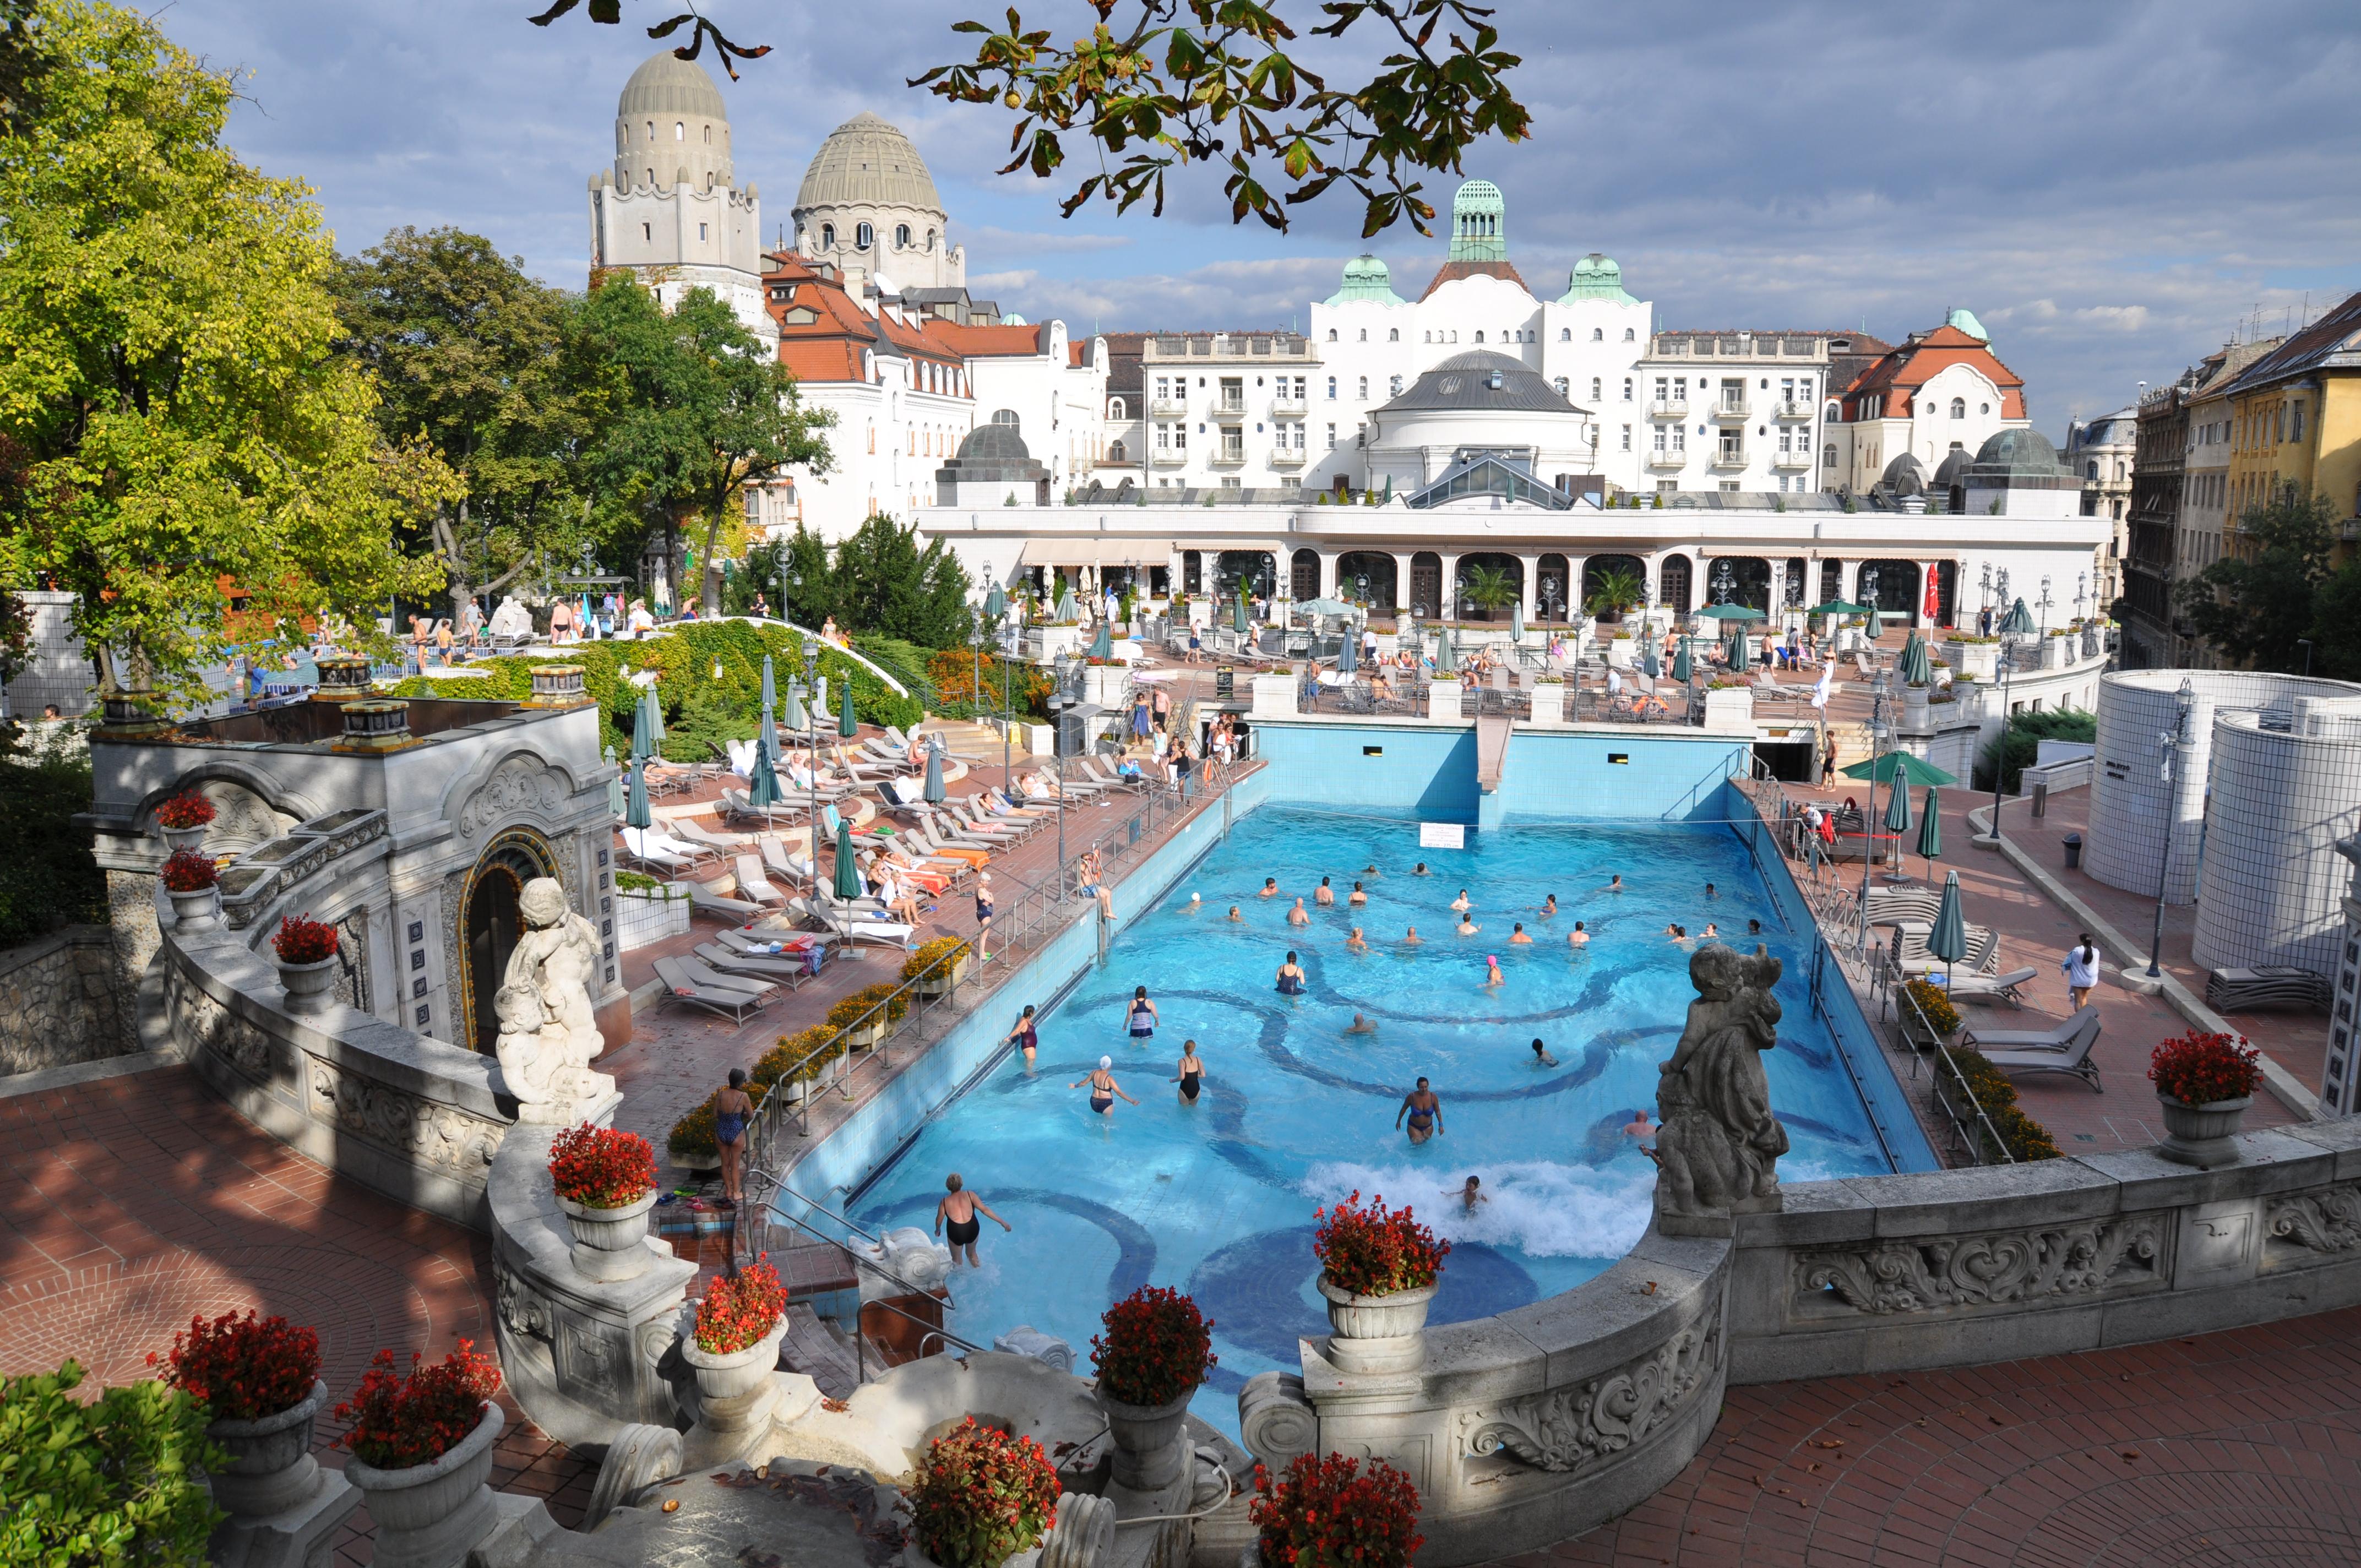 File:Budapest, Gellért fürdő, hullámfürdő-medence, 5.jpg - Wikimedia ...